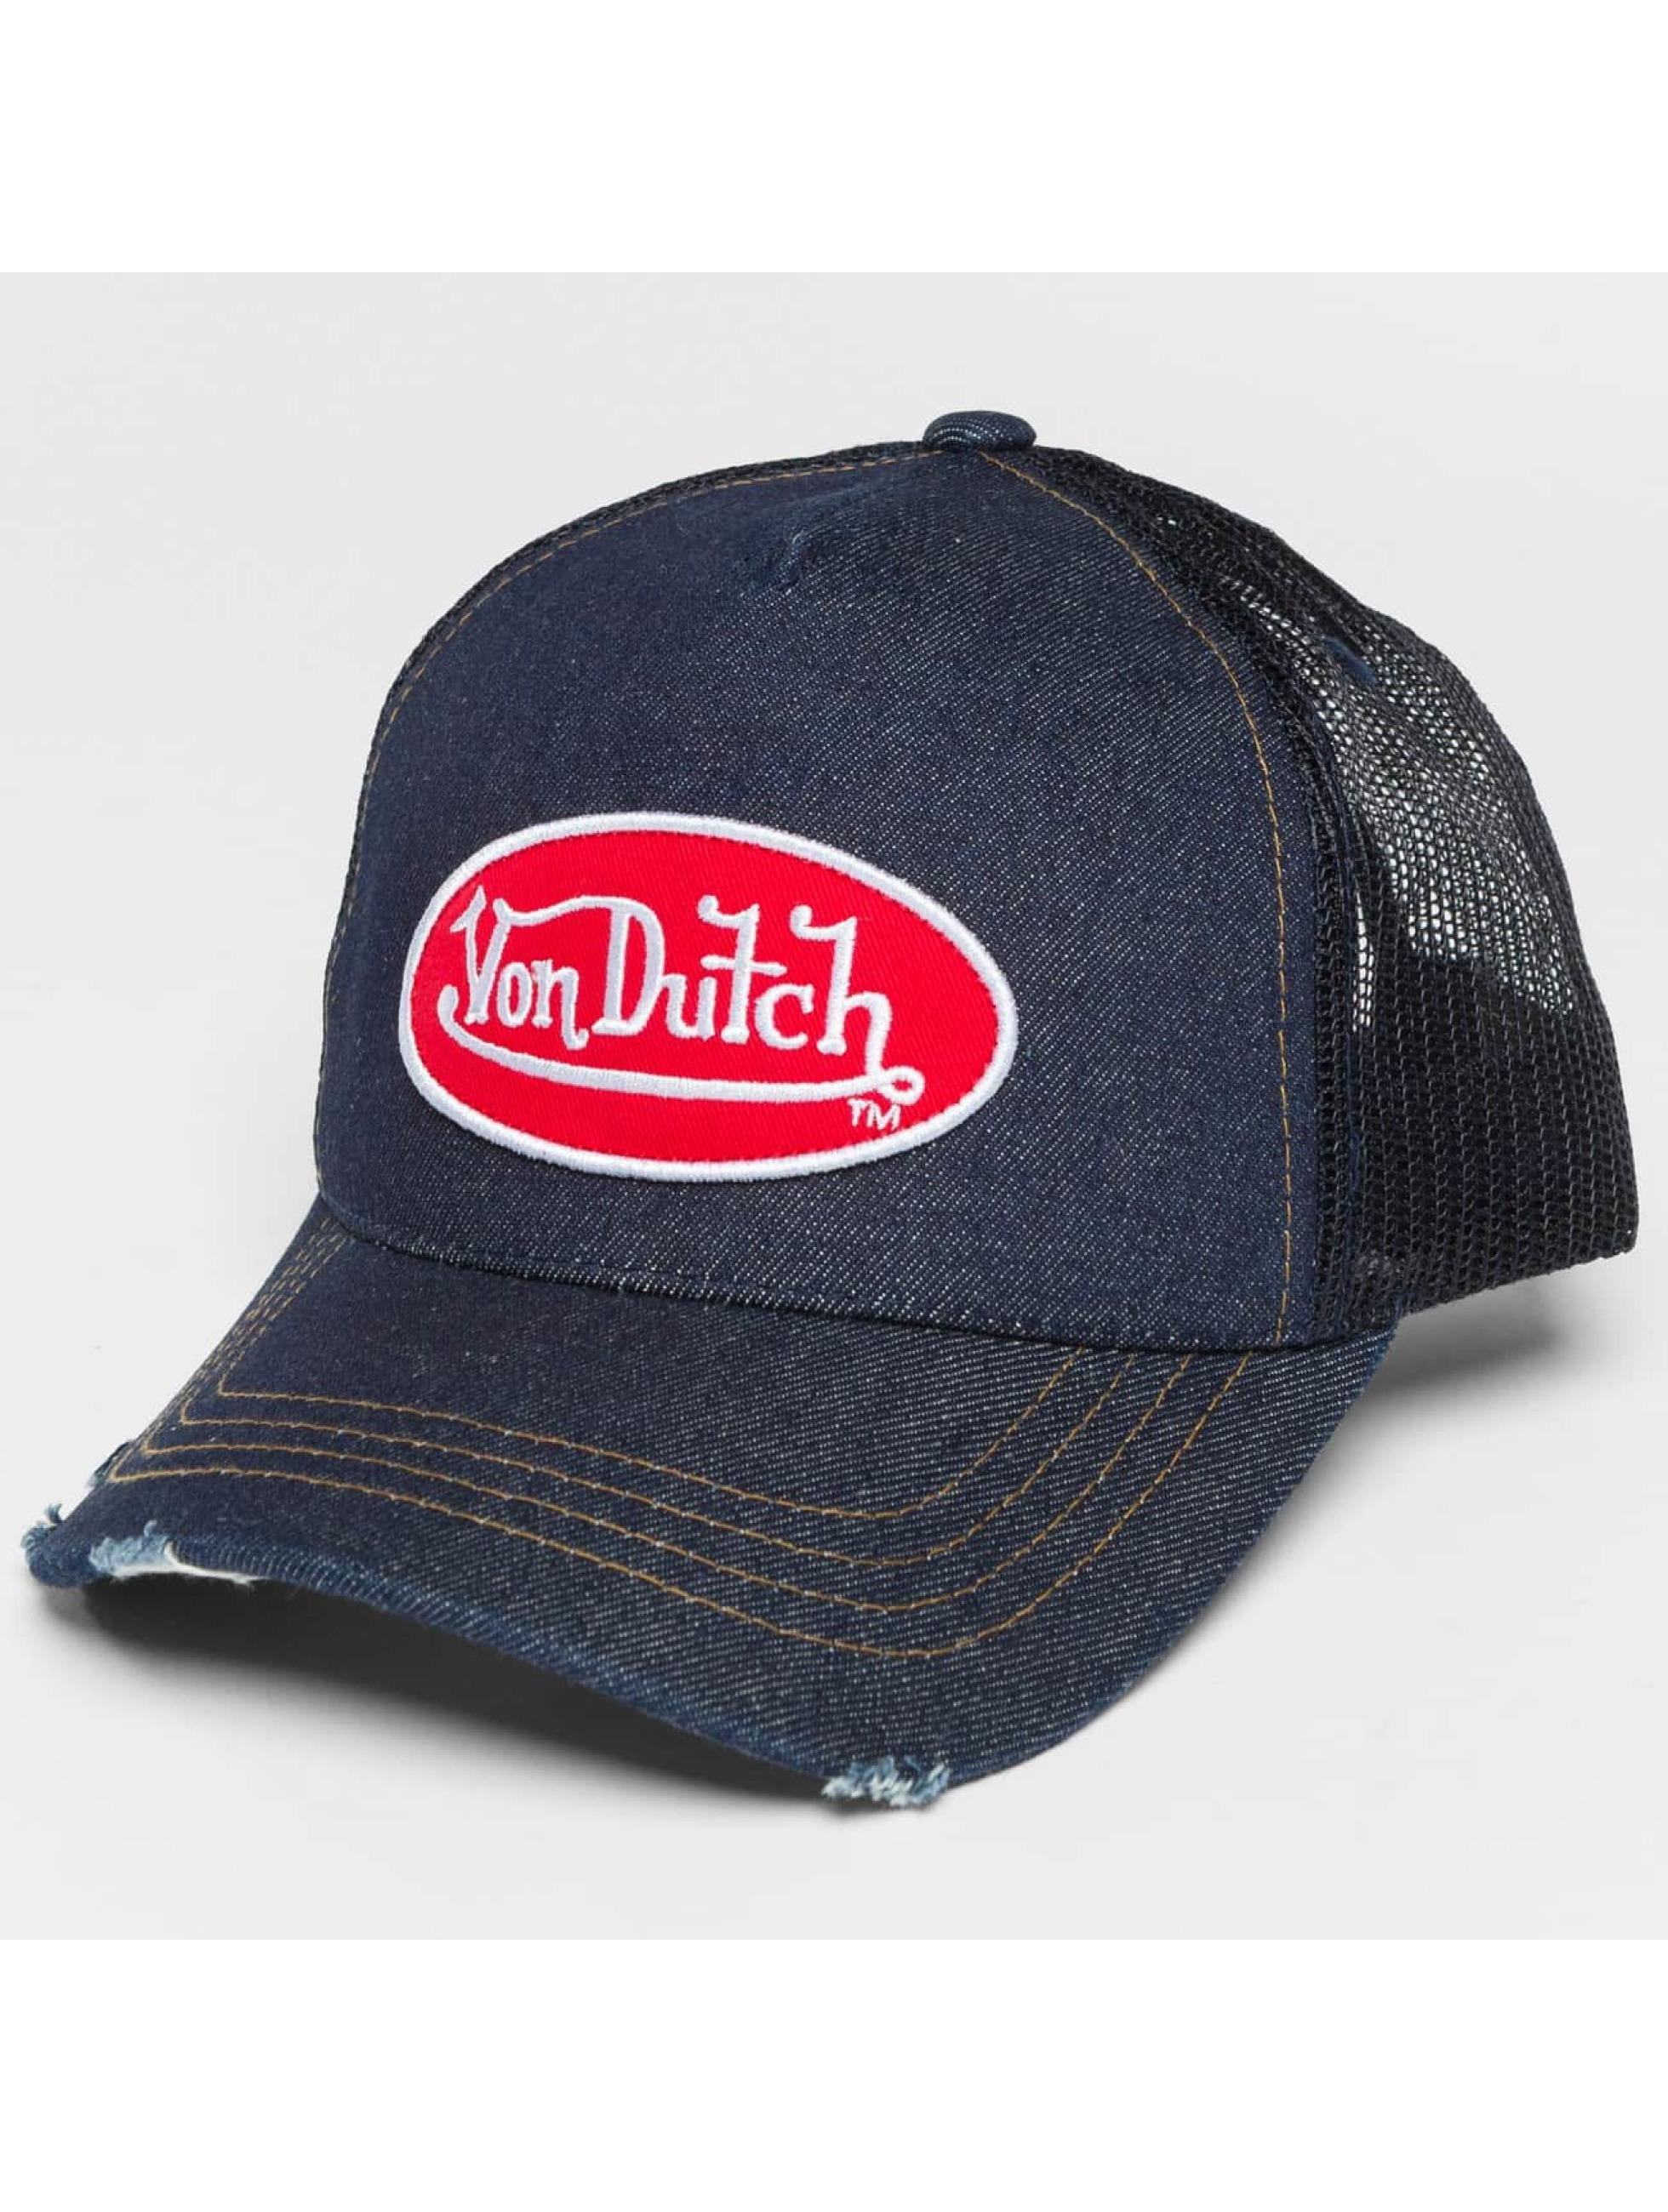 Von Dutch Trucker Destroyed modrá